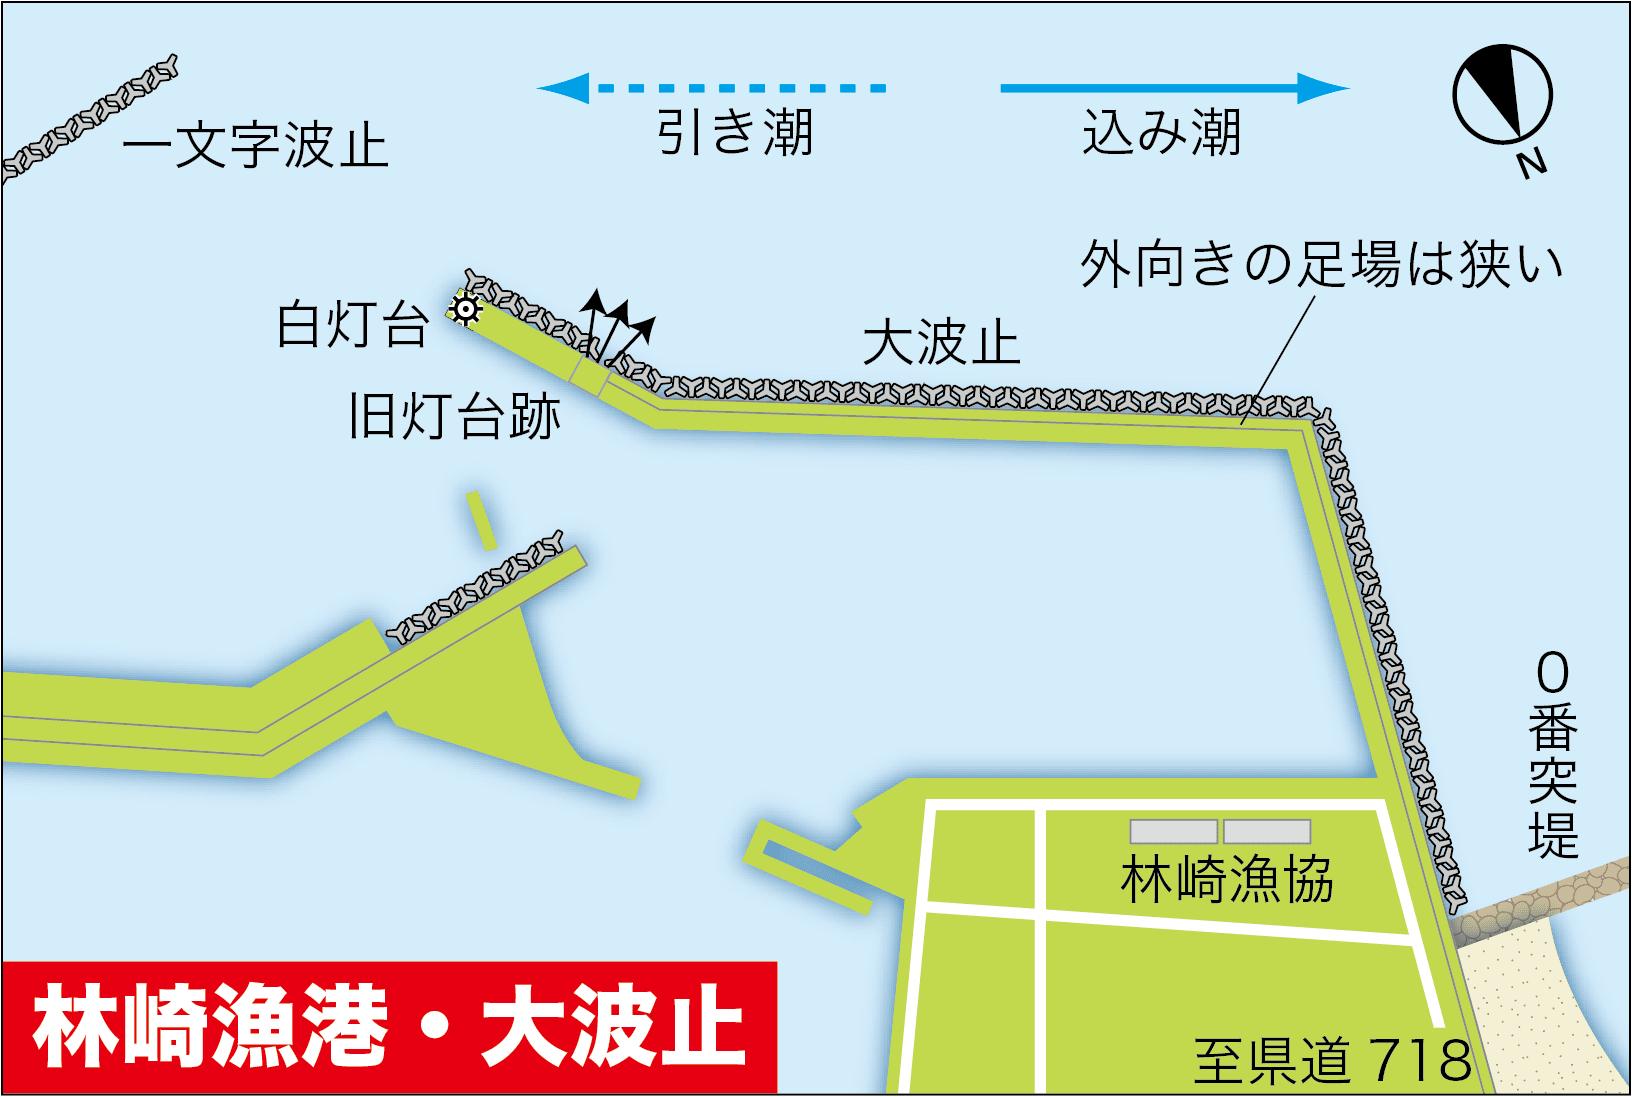 林崎漁港カレイ9